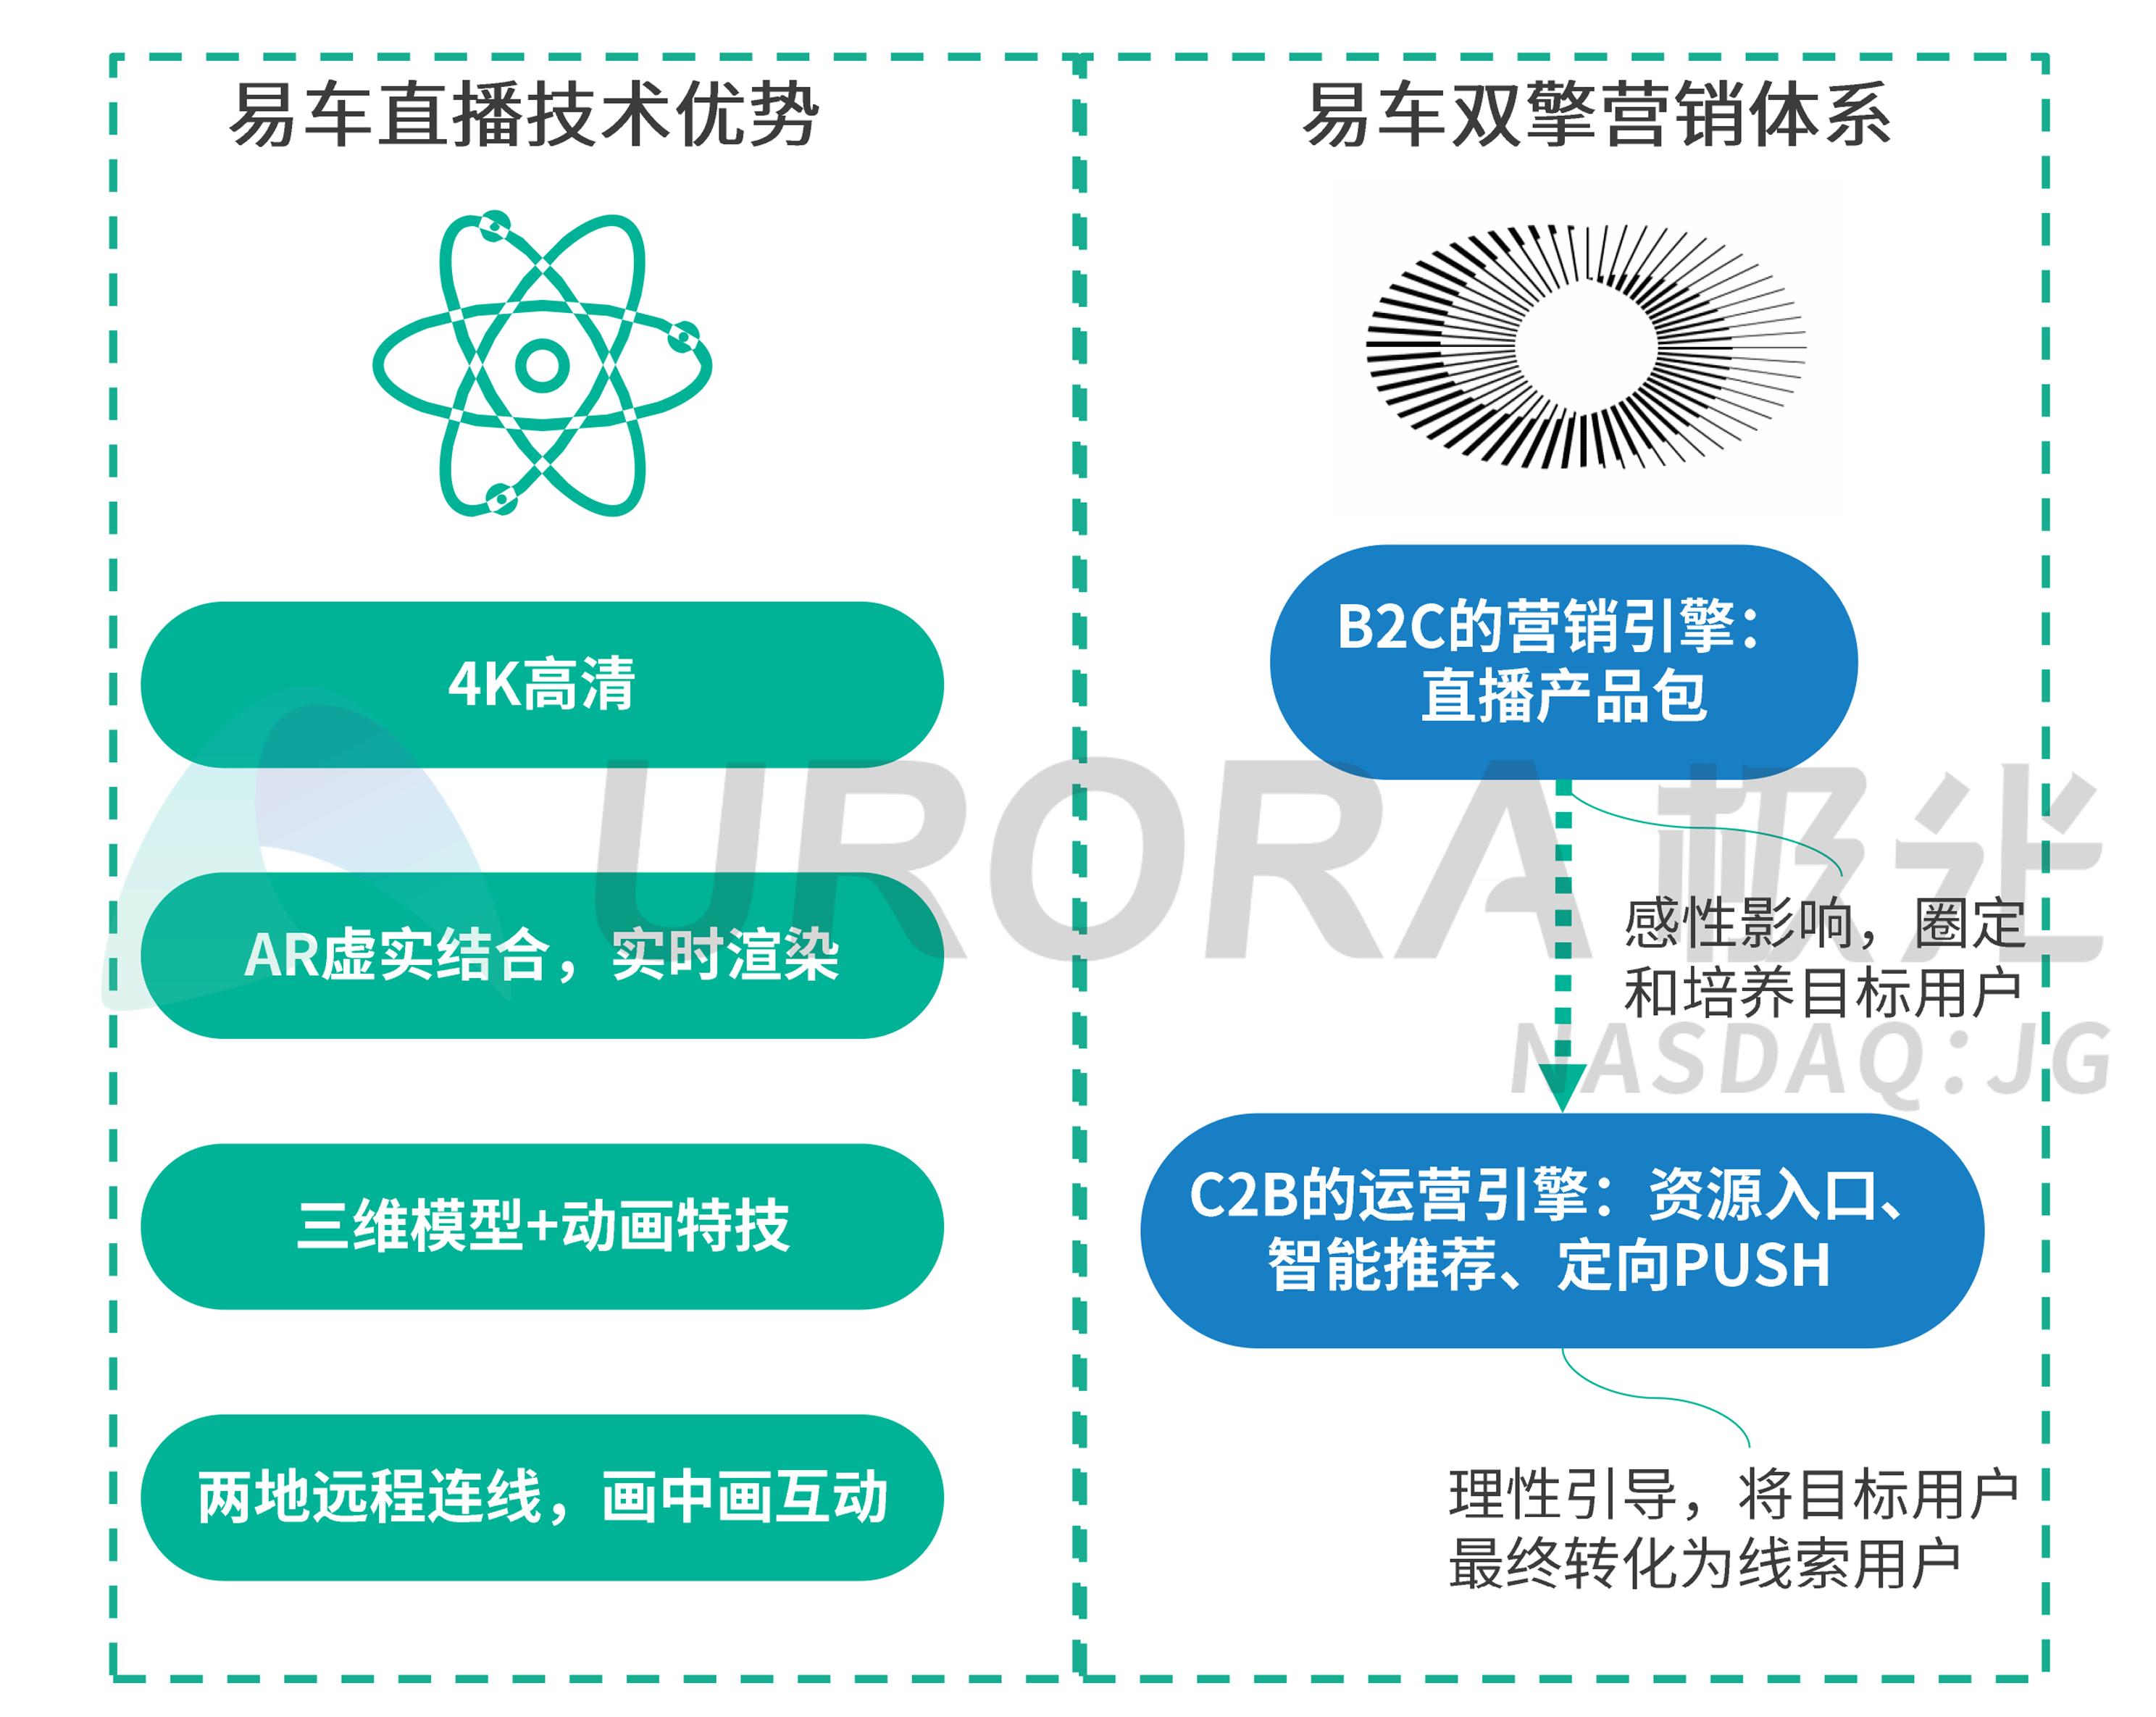 极光:疫情下的汽车直播研究报告 (18).png